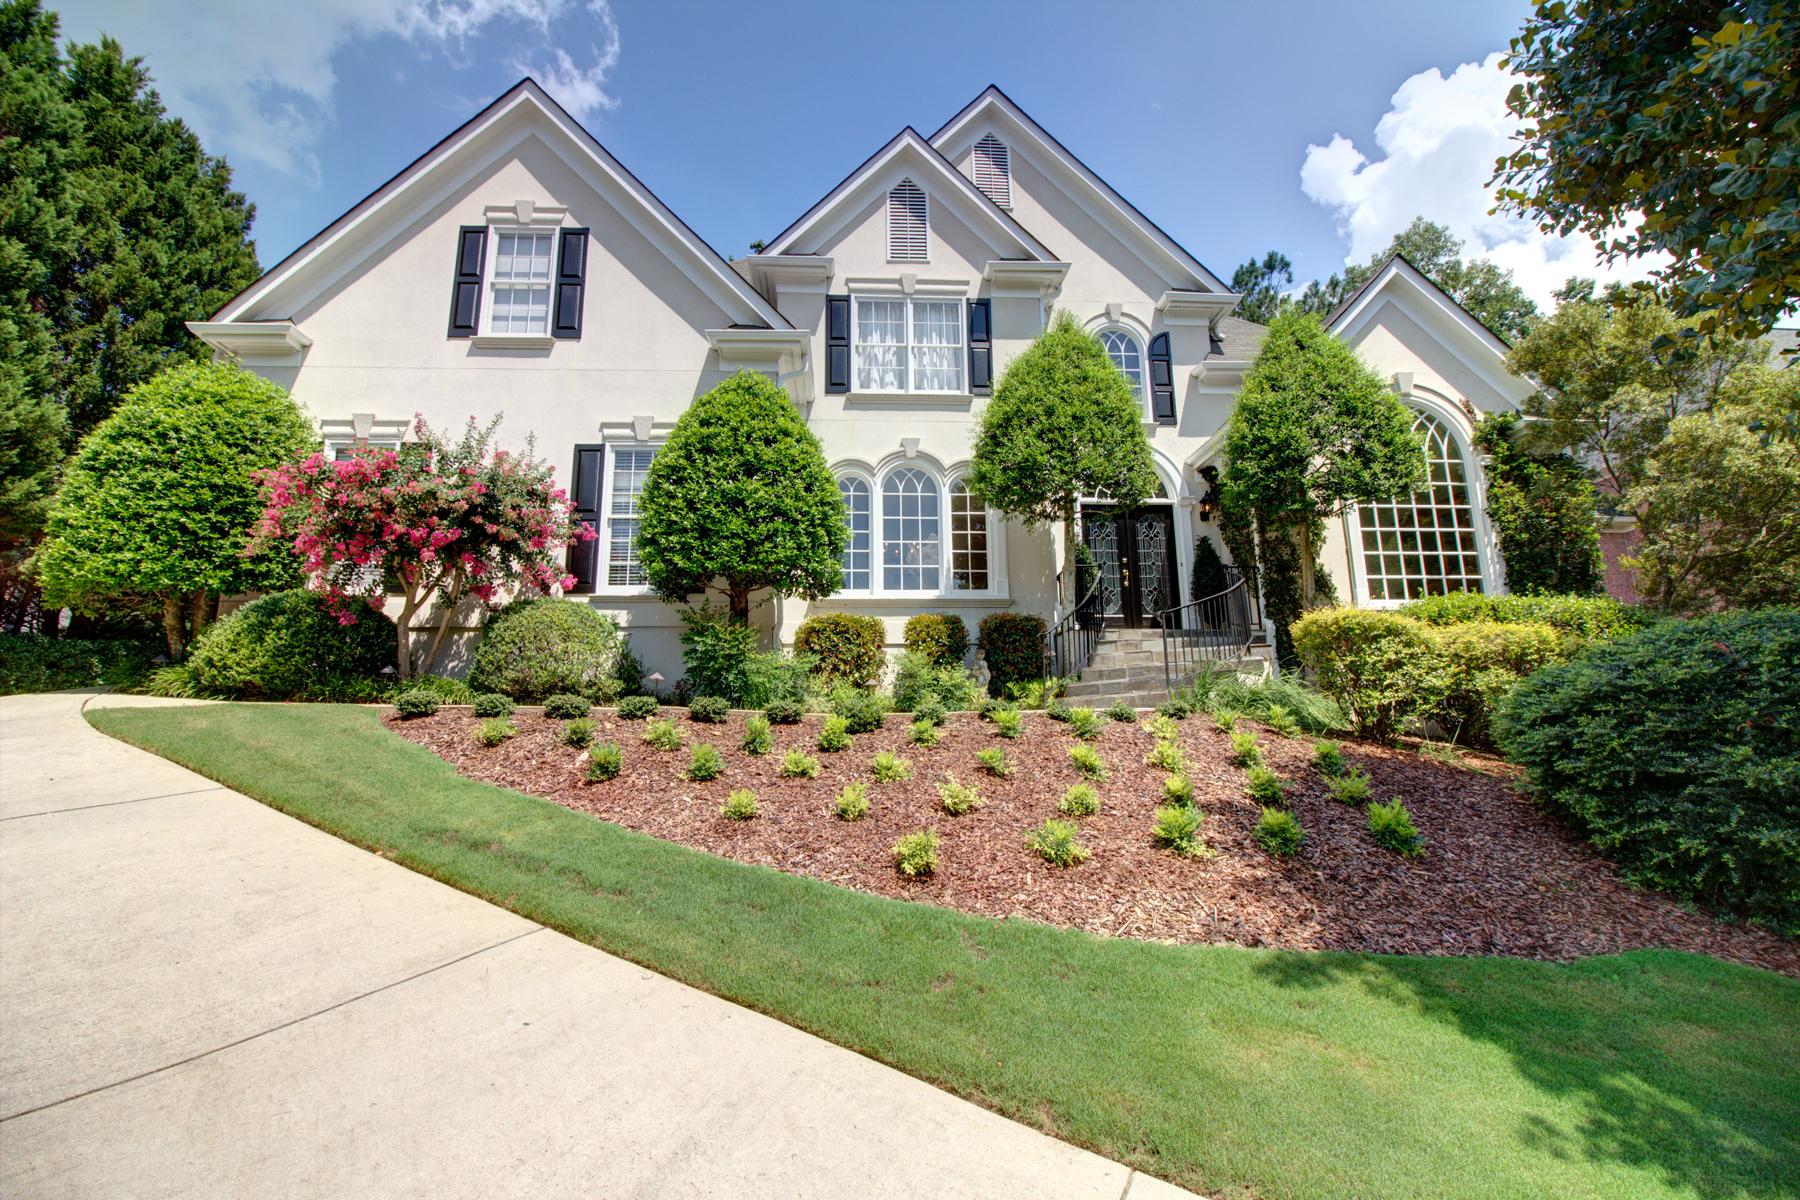 Частный односемейный дом для того Продажа на French Influence 9280 Nesbit Lakes Drive Alpharetta, Джорджия, 30022 Соединенные Штаты